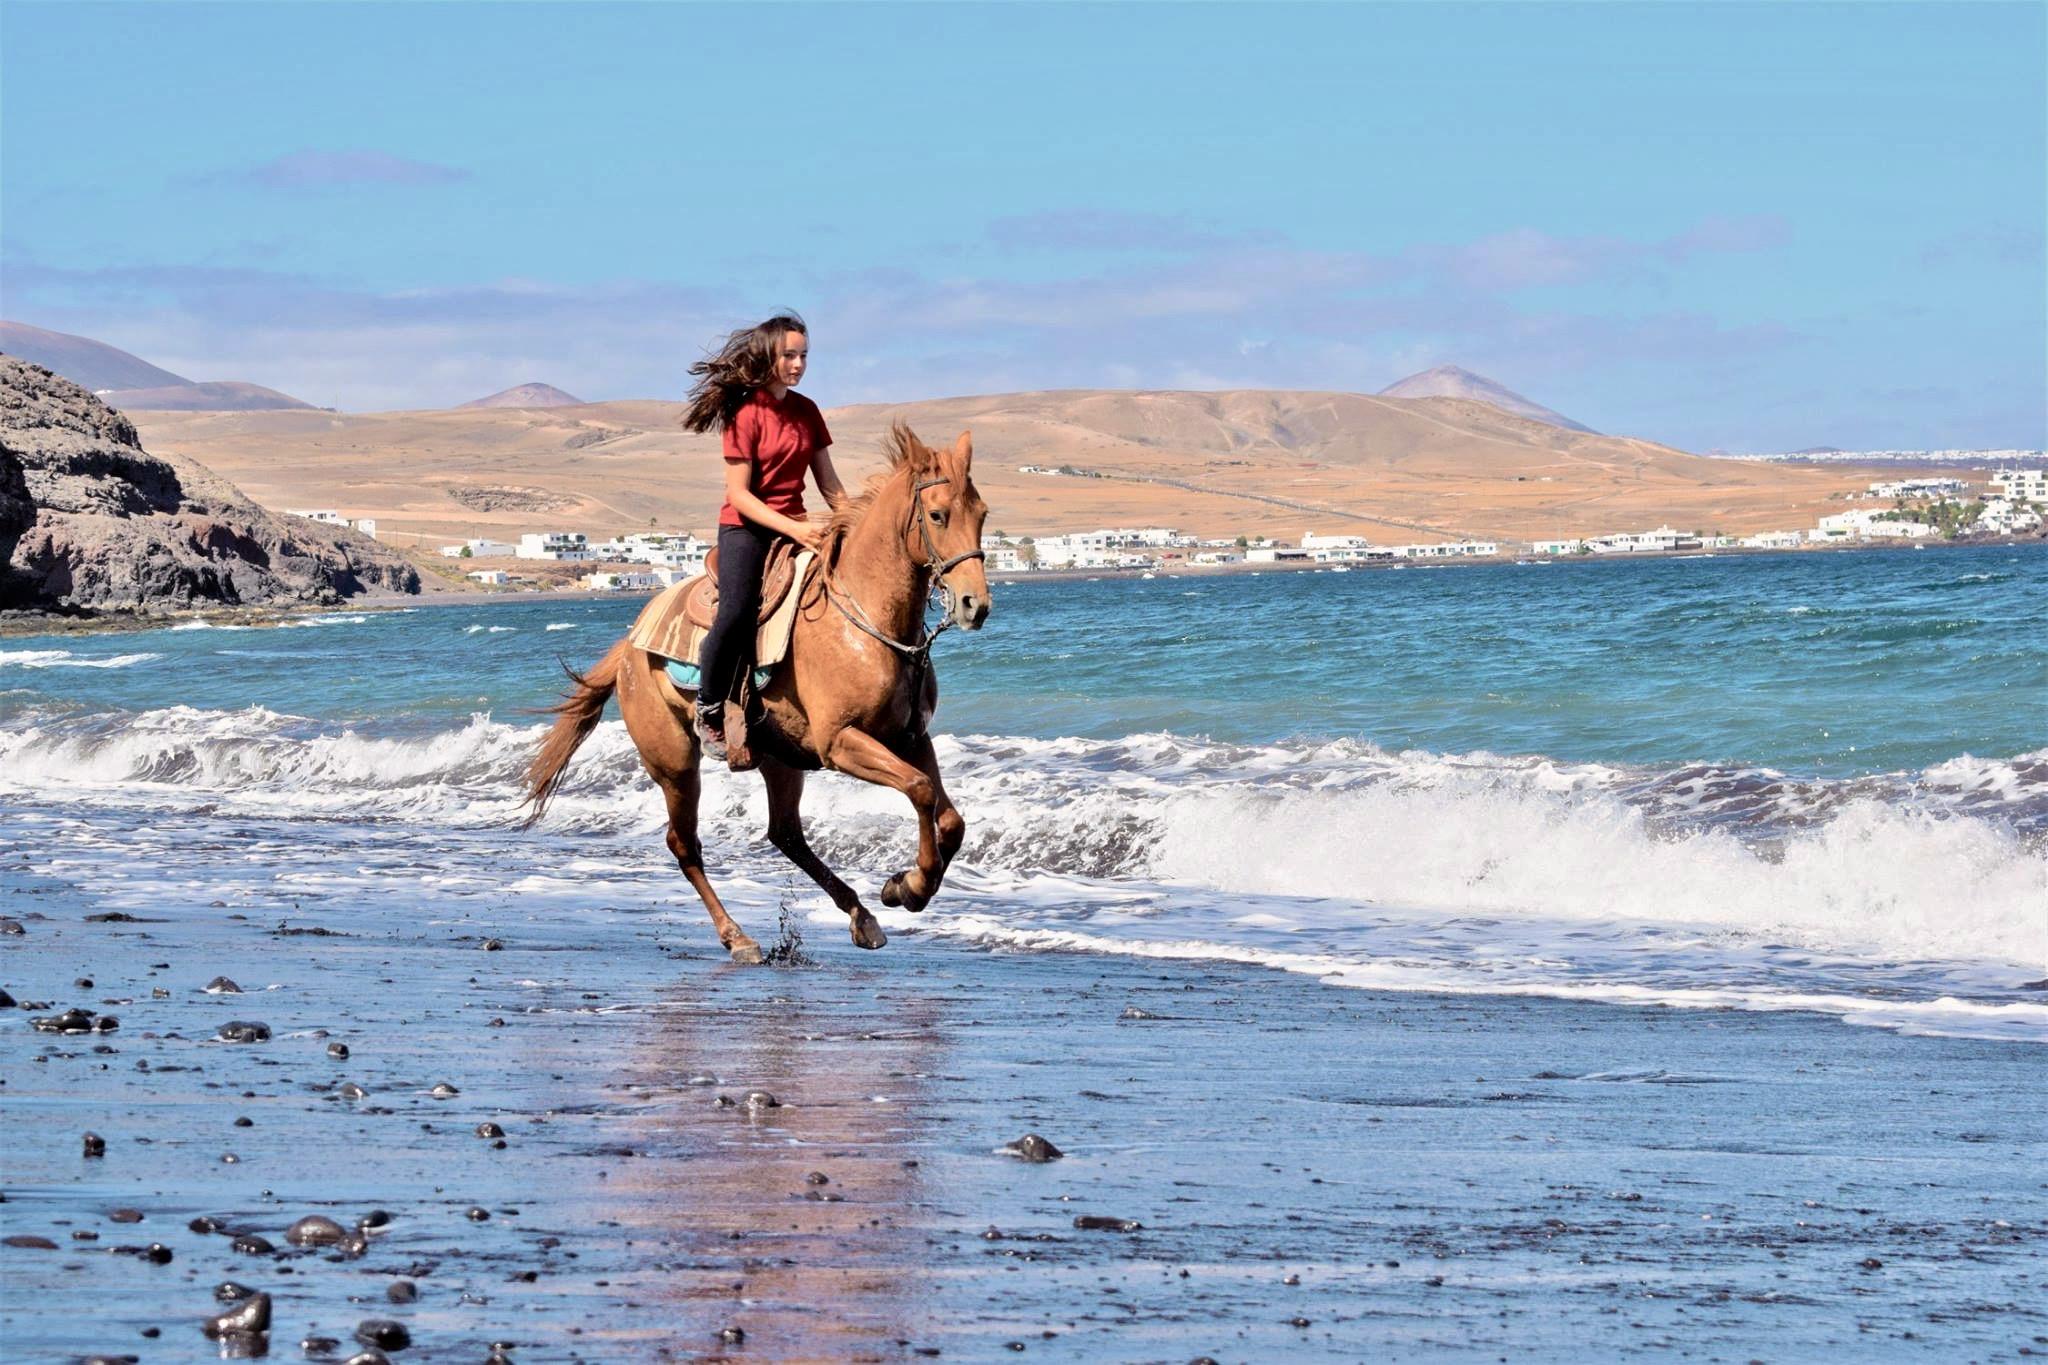 Una niña galopando en caballo en una playa con un paisaje pintorezco de volcanes y casas blancas al fondo.